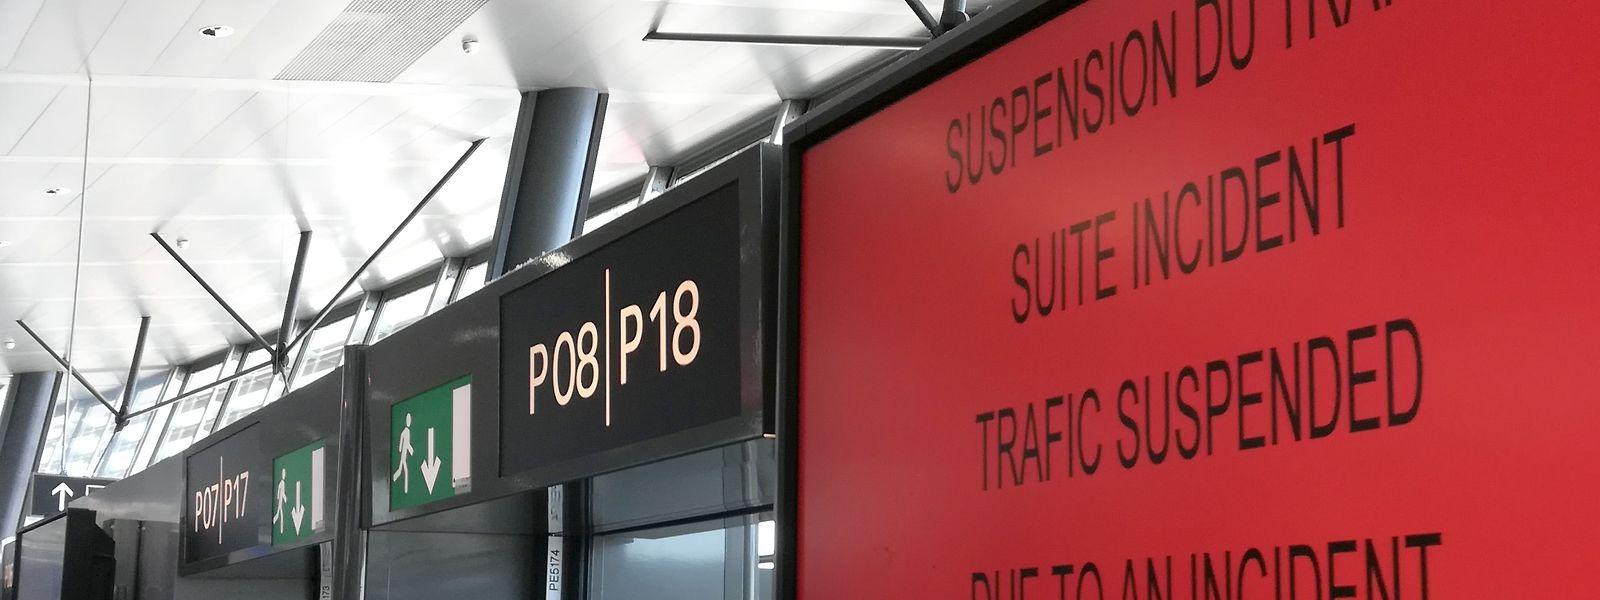 Le terminal de l'aéroport Lyon Saint-Exupéry ce lundi